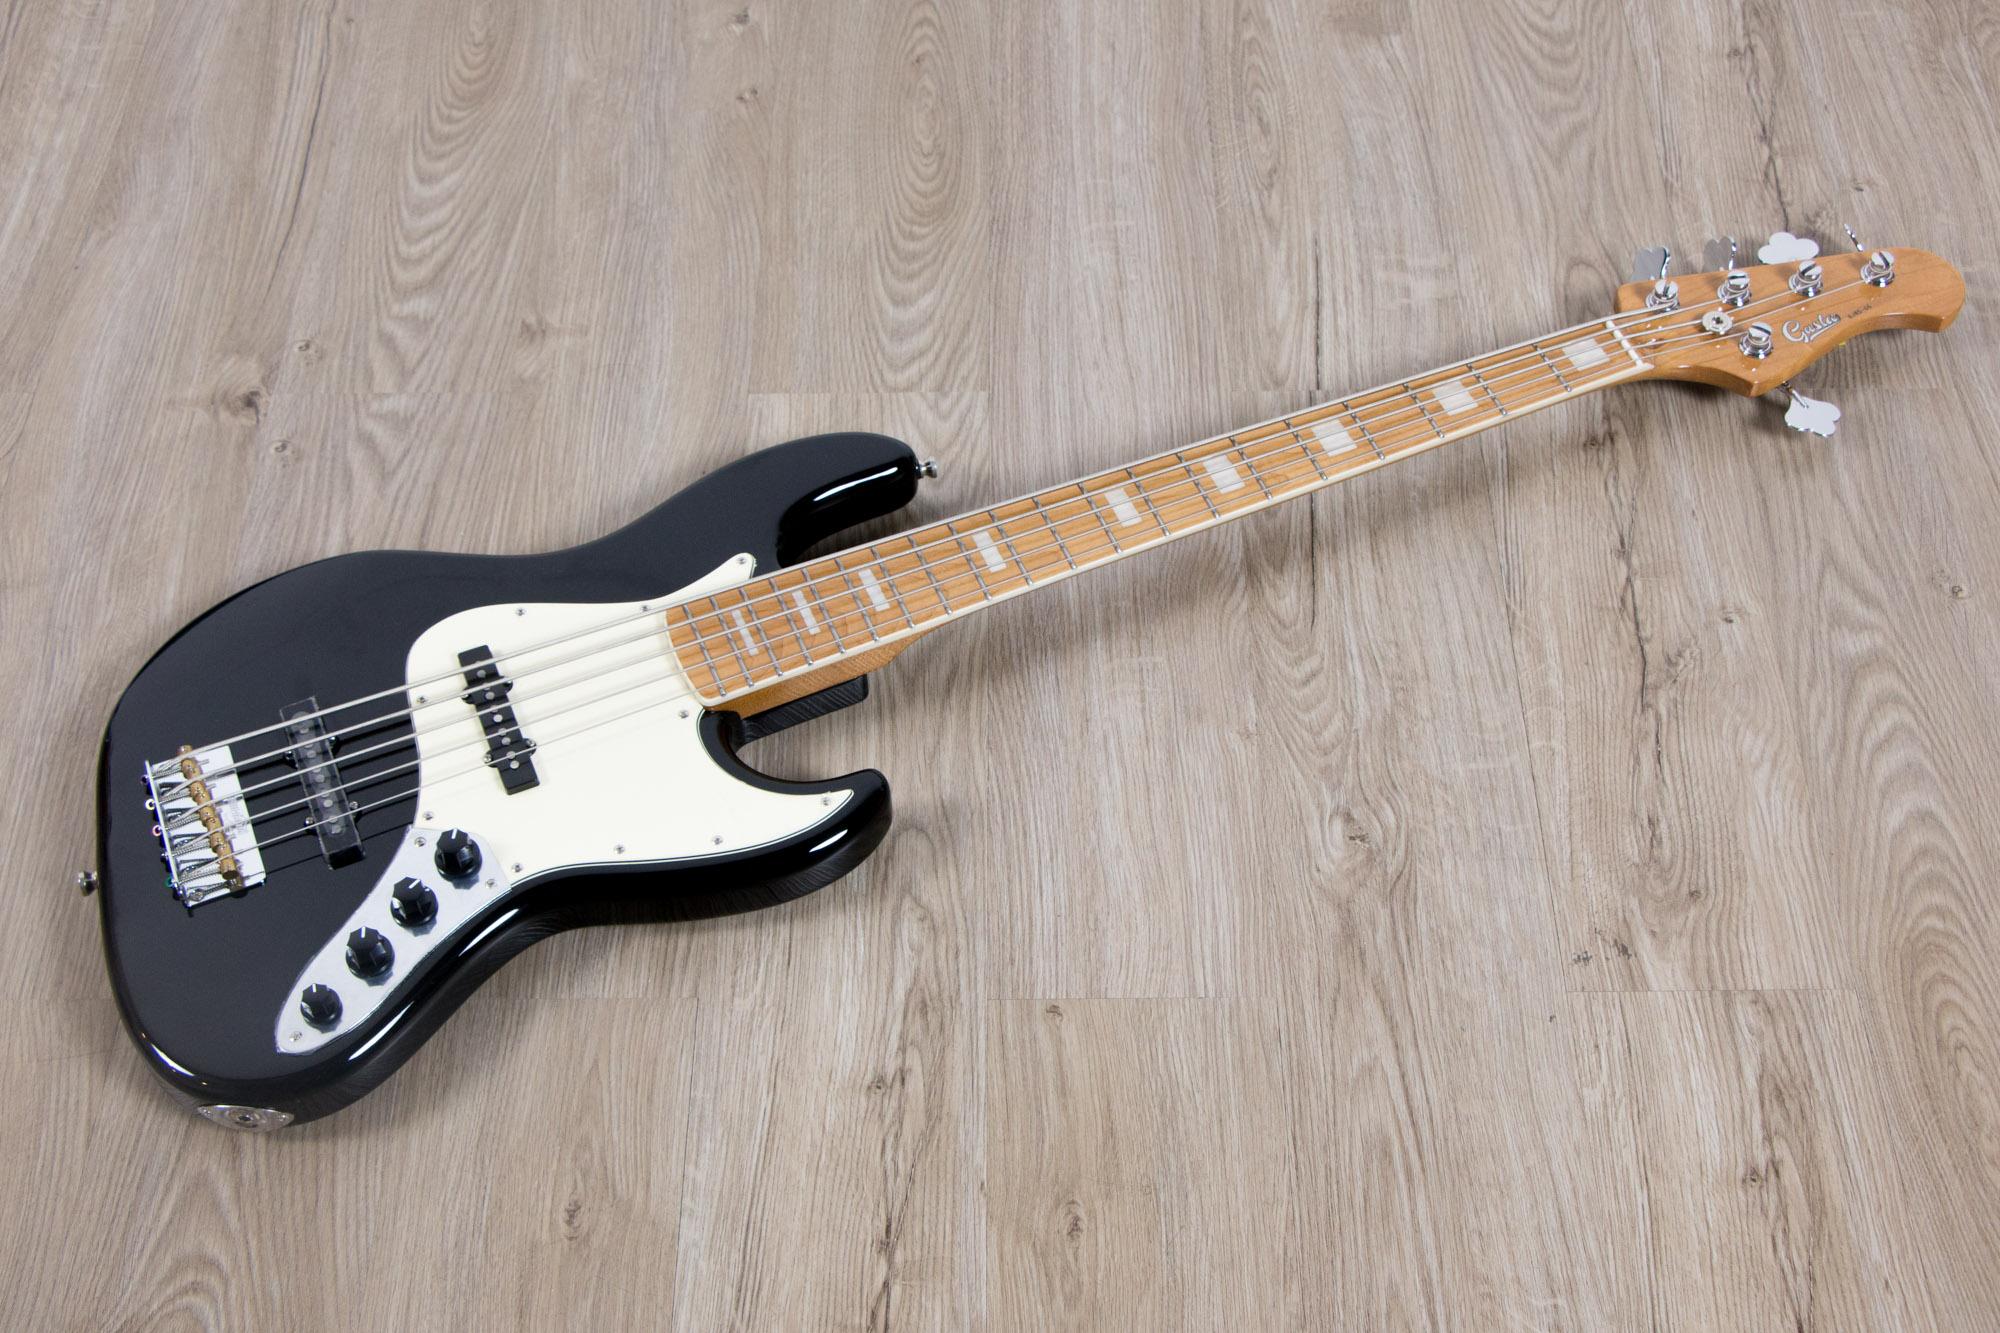 Gusta Bass GJB5 - 05 BK full body